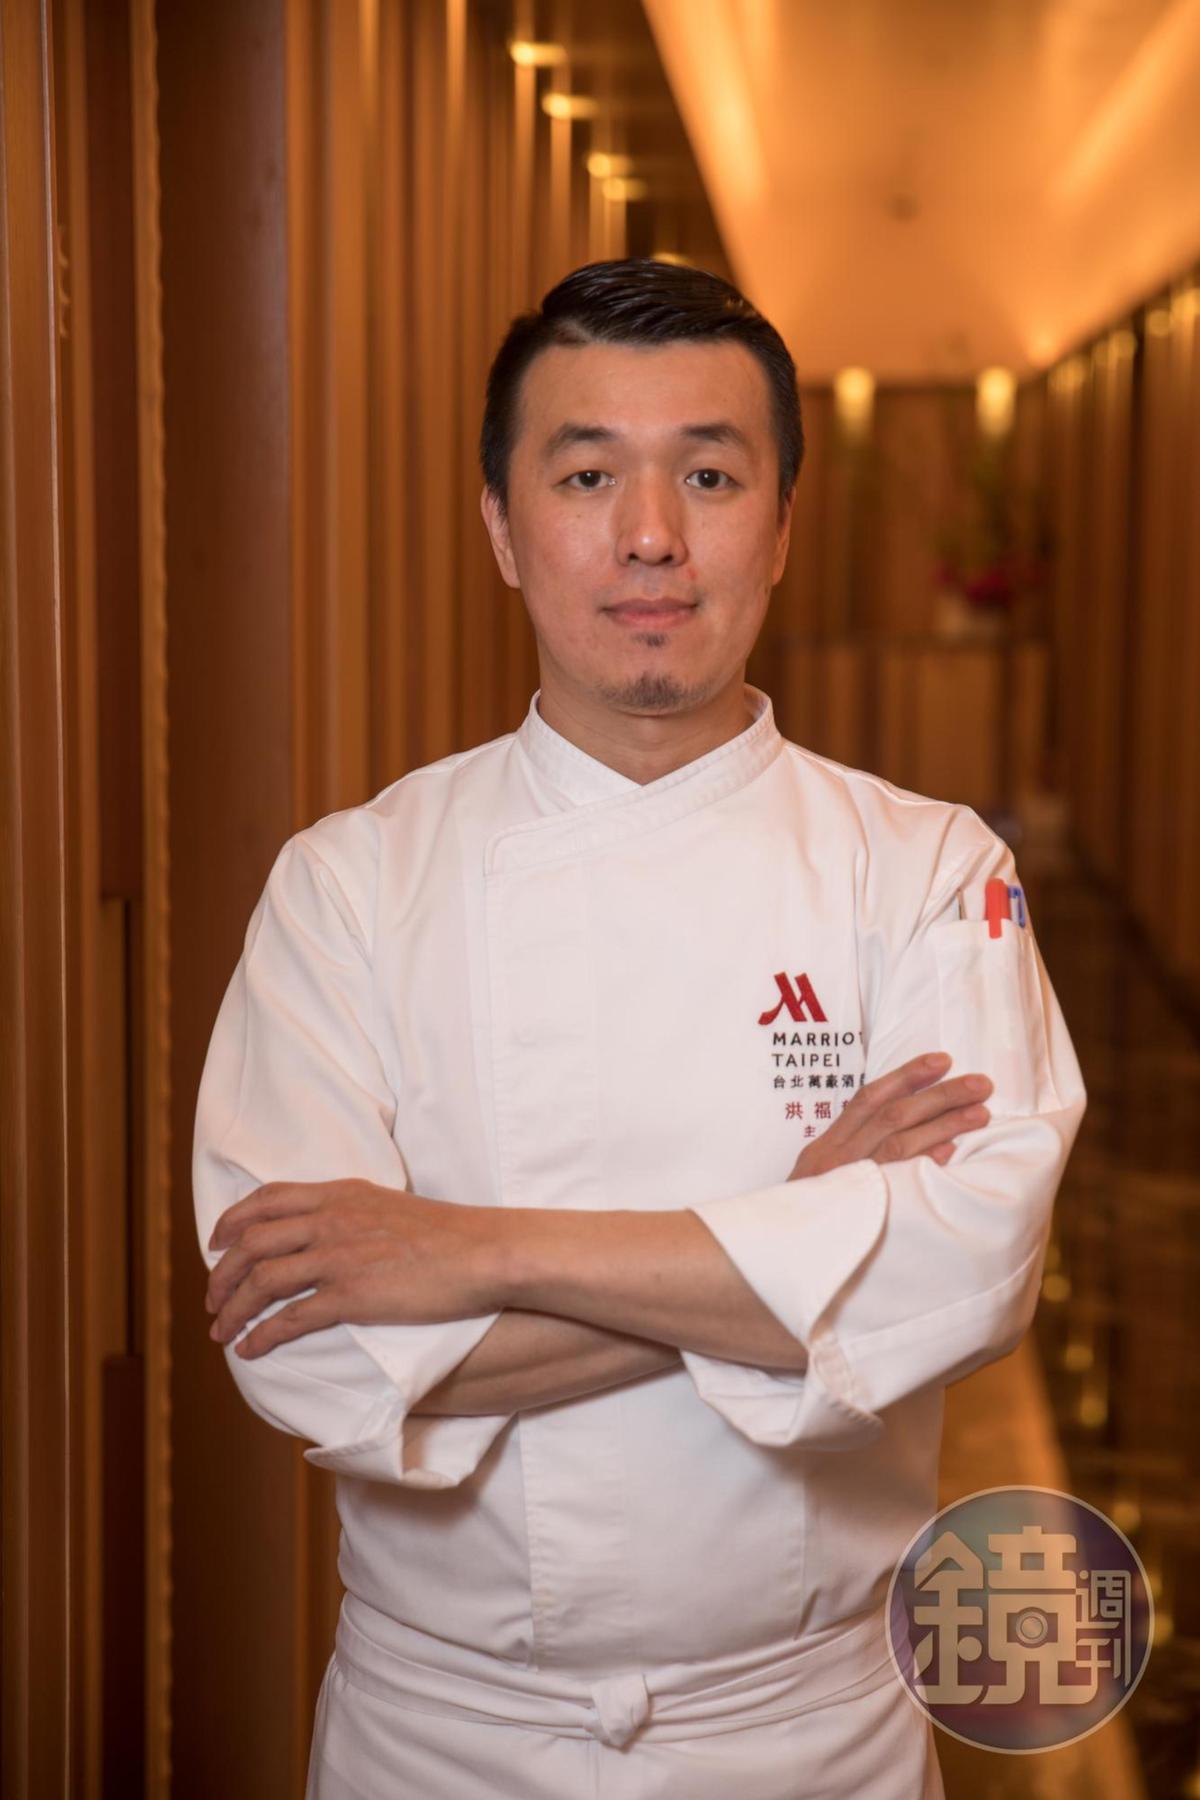 宴客樓主廚洪福龍把台菜解構重組,滋味細緻,令人驚喜。